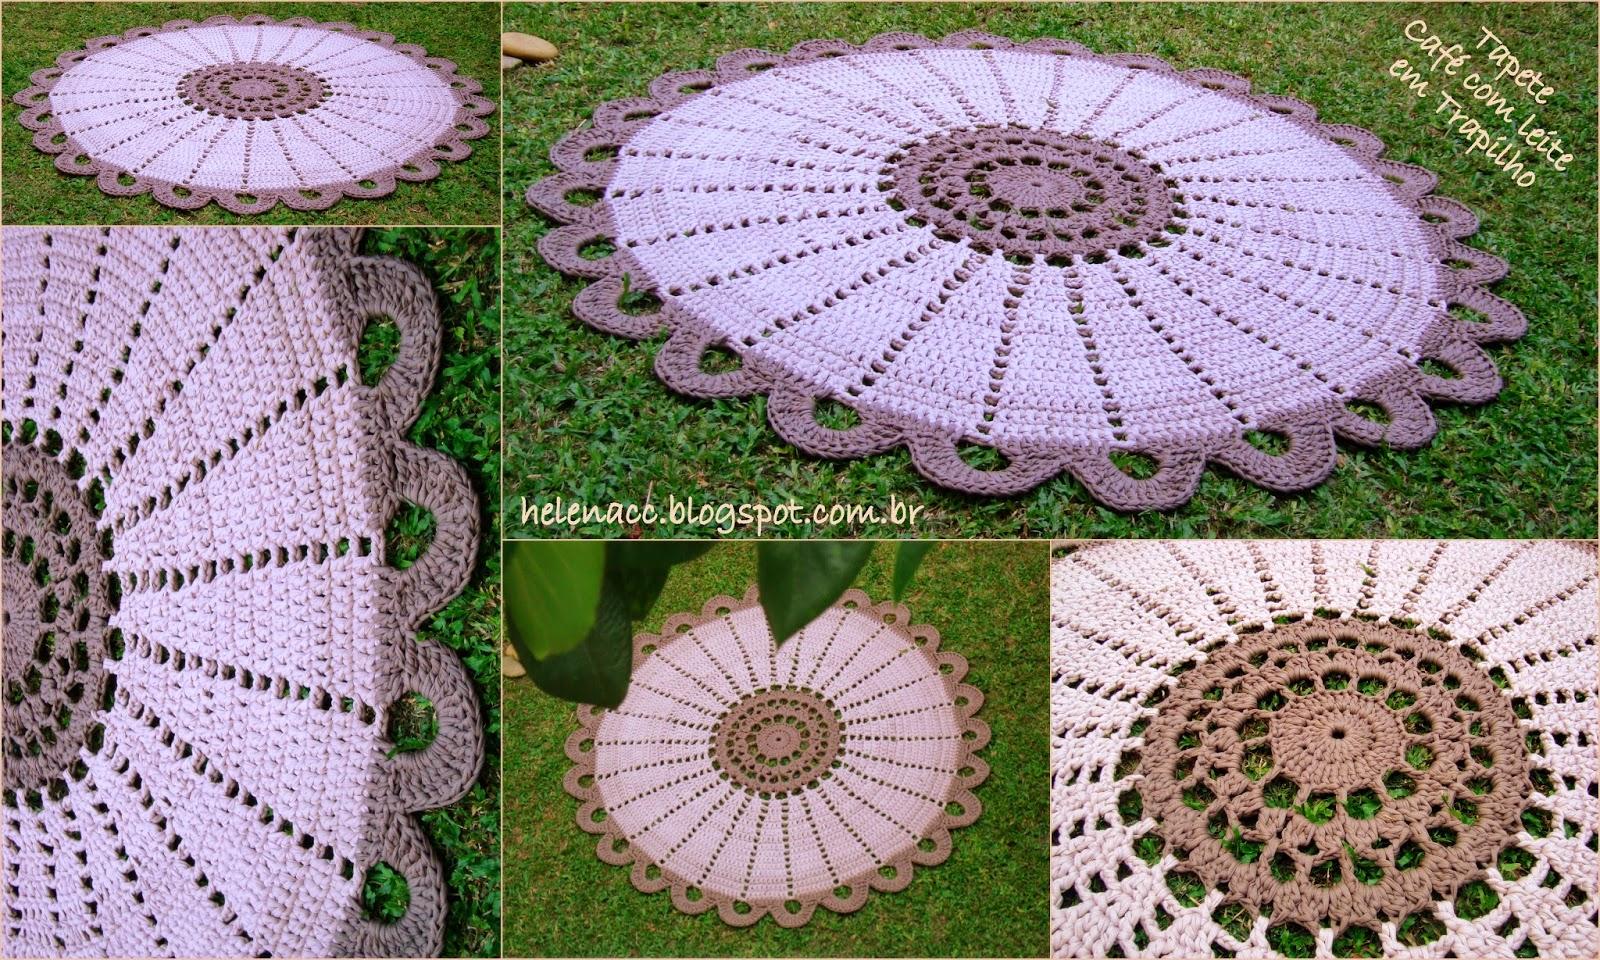 Eu Tambm Crocheto Tapete Caf Com Leite Em Trapilho Crochet Flower Motif Motivos Hexagonales Pinterest No Se Esquea De Aumentar As Fotos Apertar A Tecla Ctrl E Ao Mesmo Tempo Clicar Na Foto Ela Abre Outra Aba Um Aumento Bem Maior Do Que